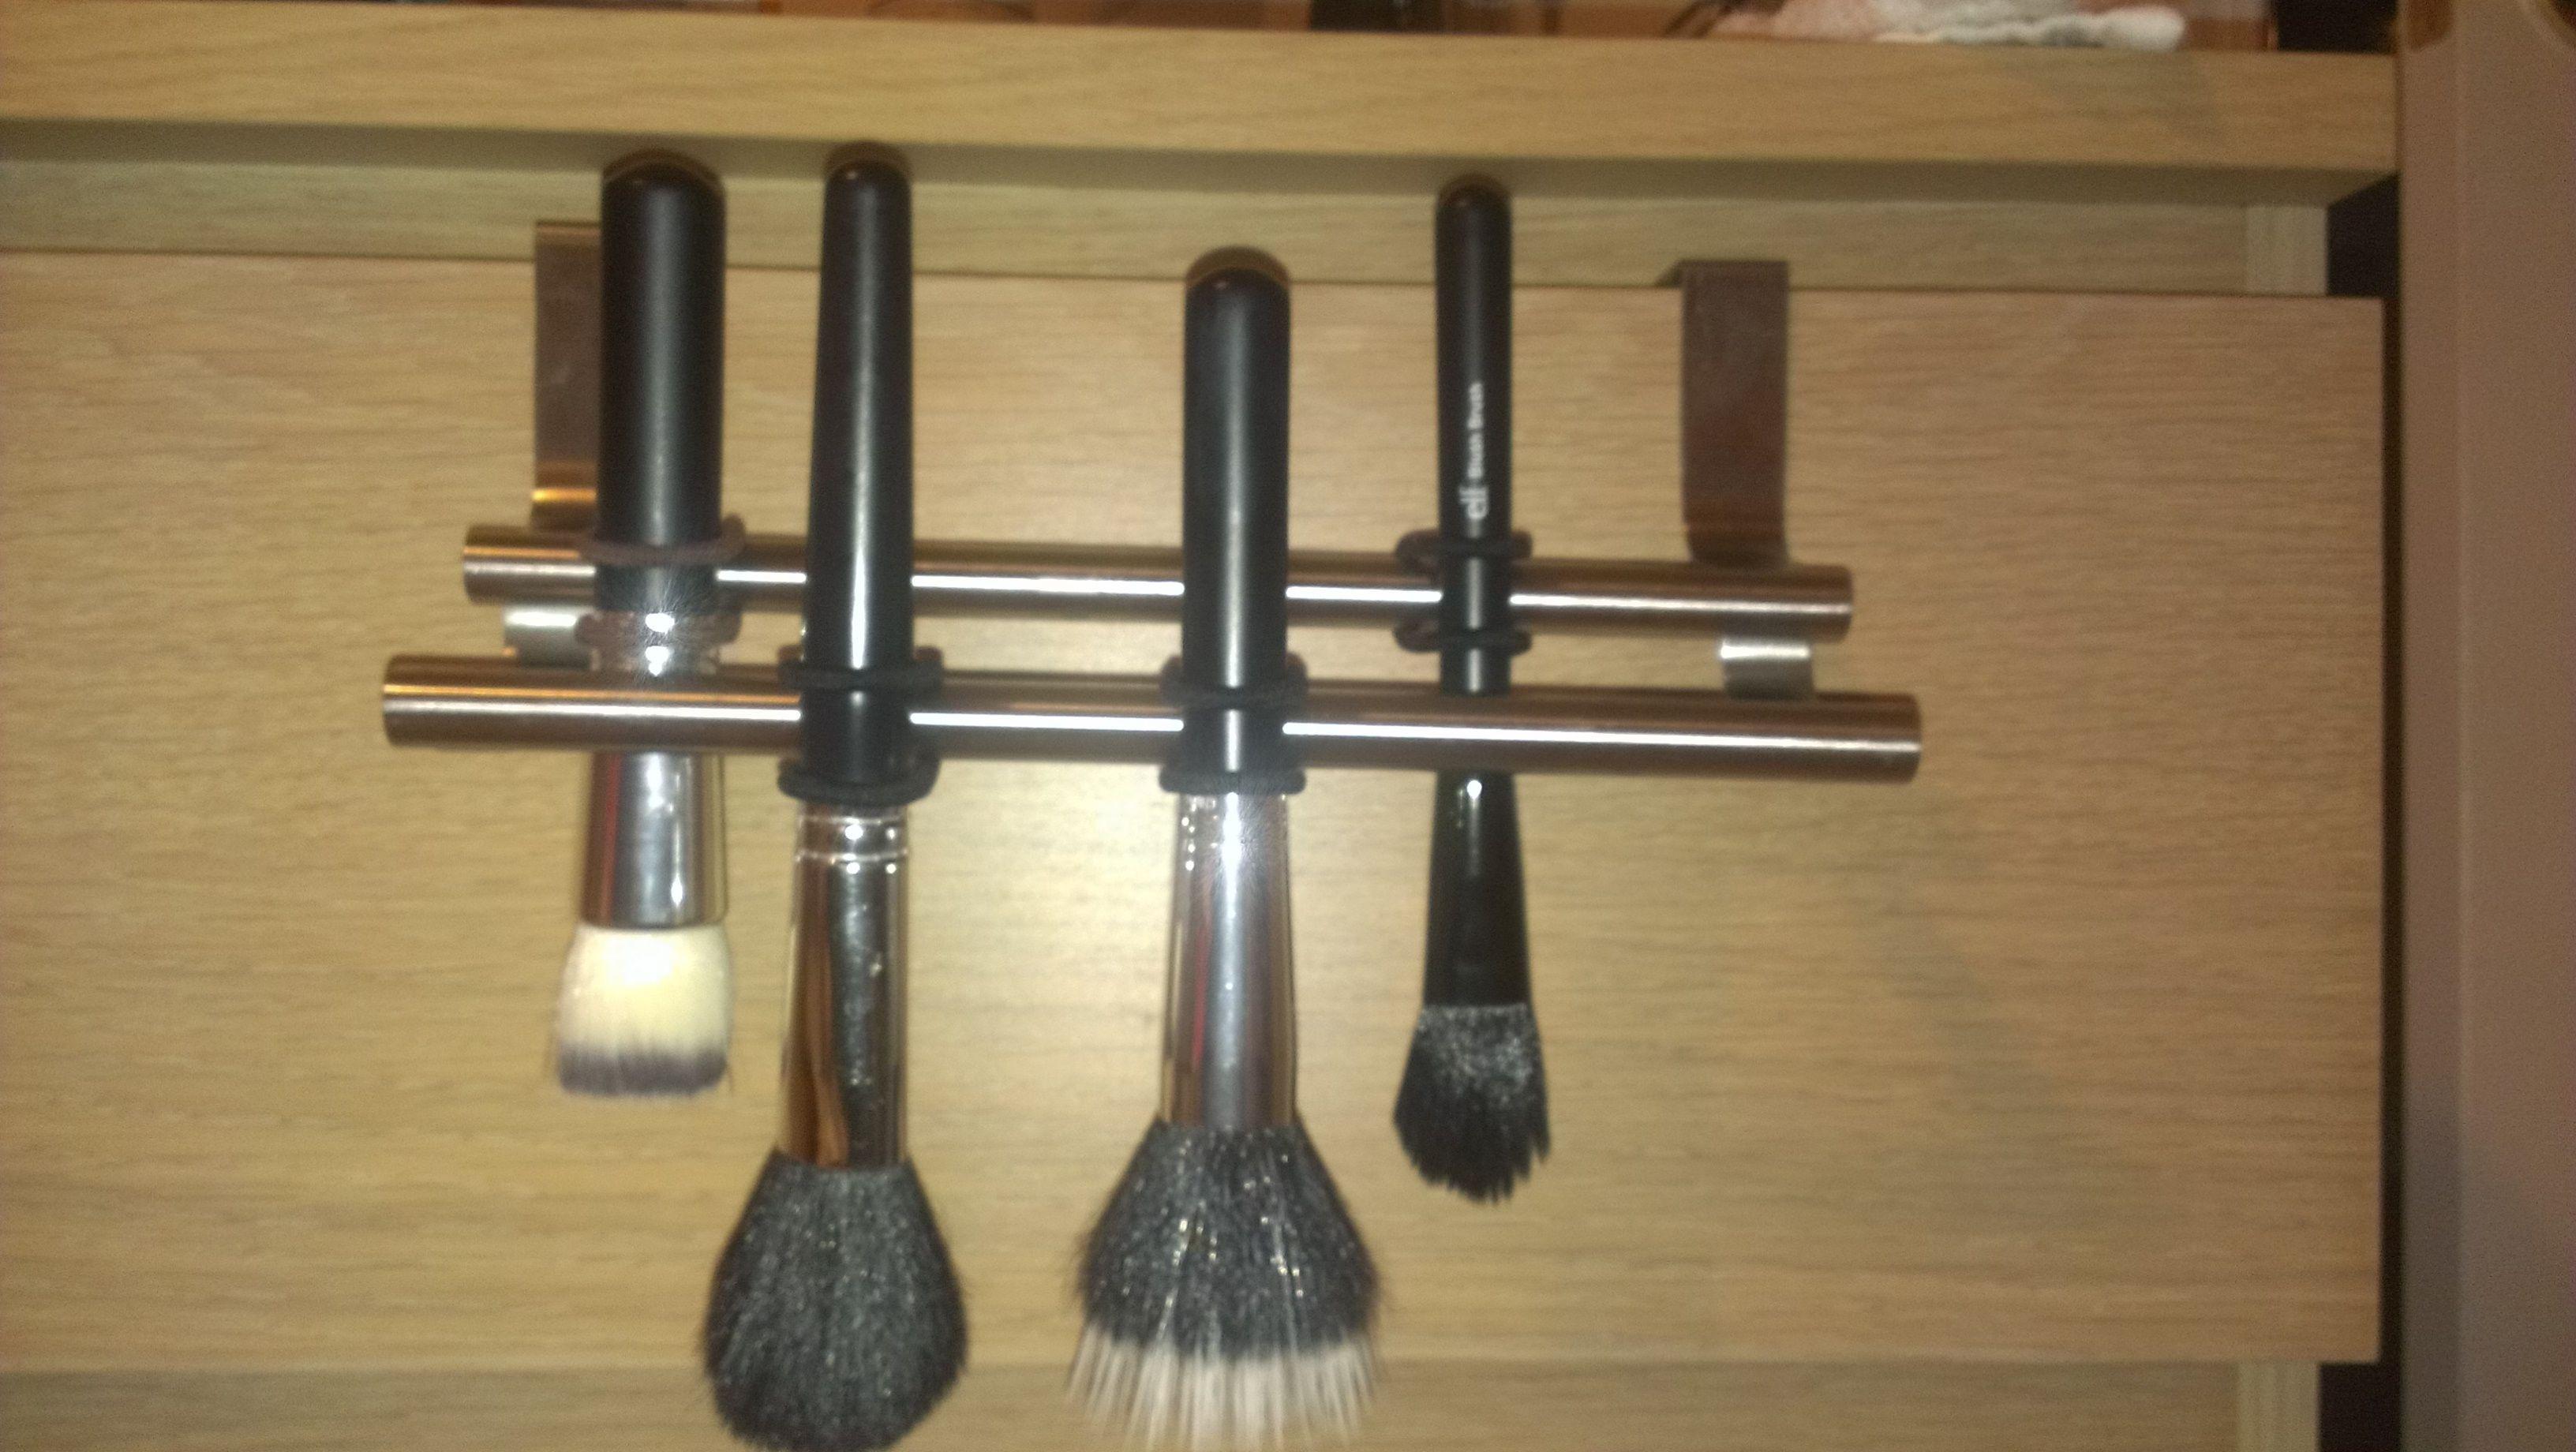 DIY Makeup Brush Drying Rack  diy makeup brush drying rack diy